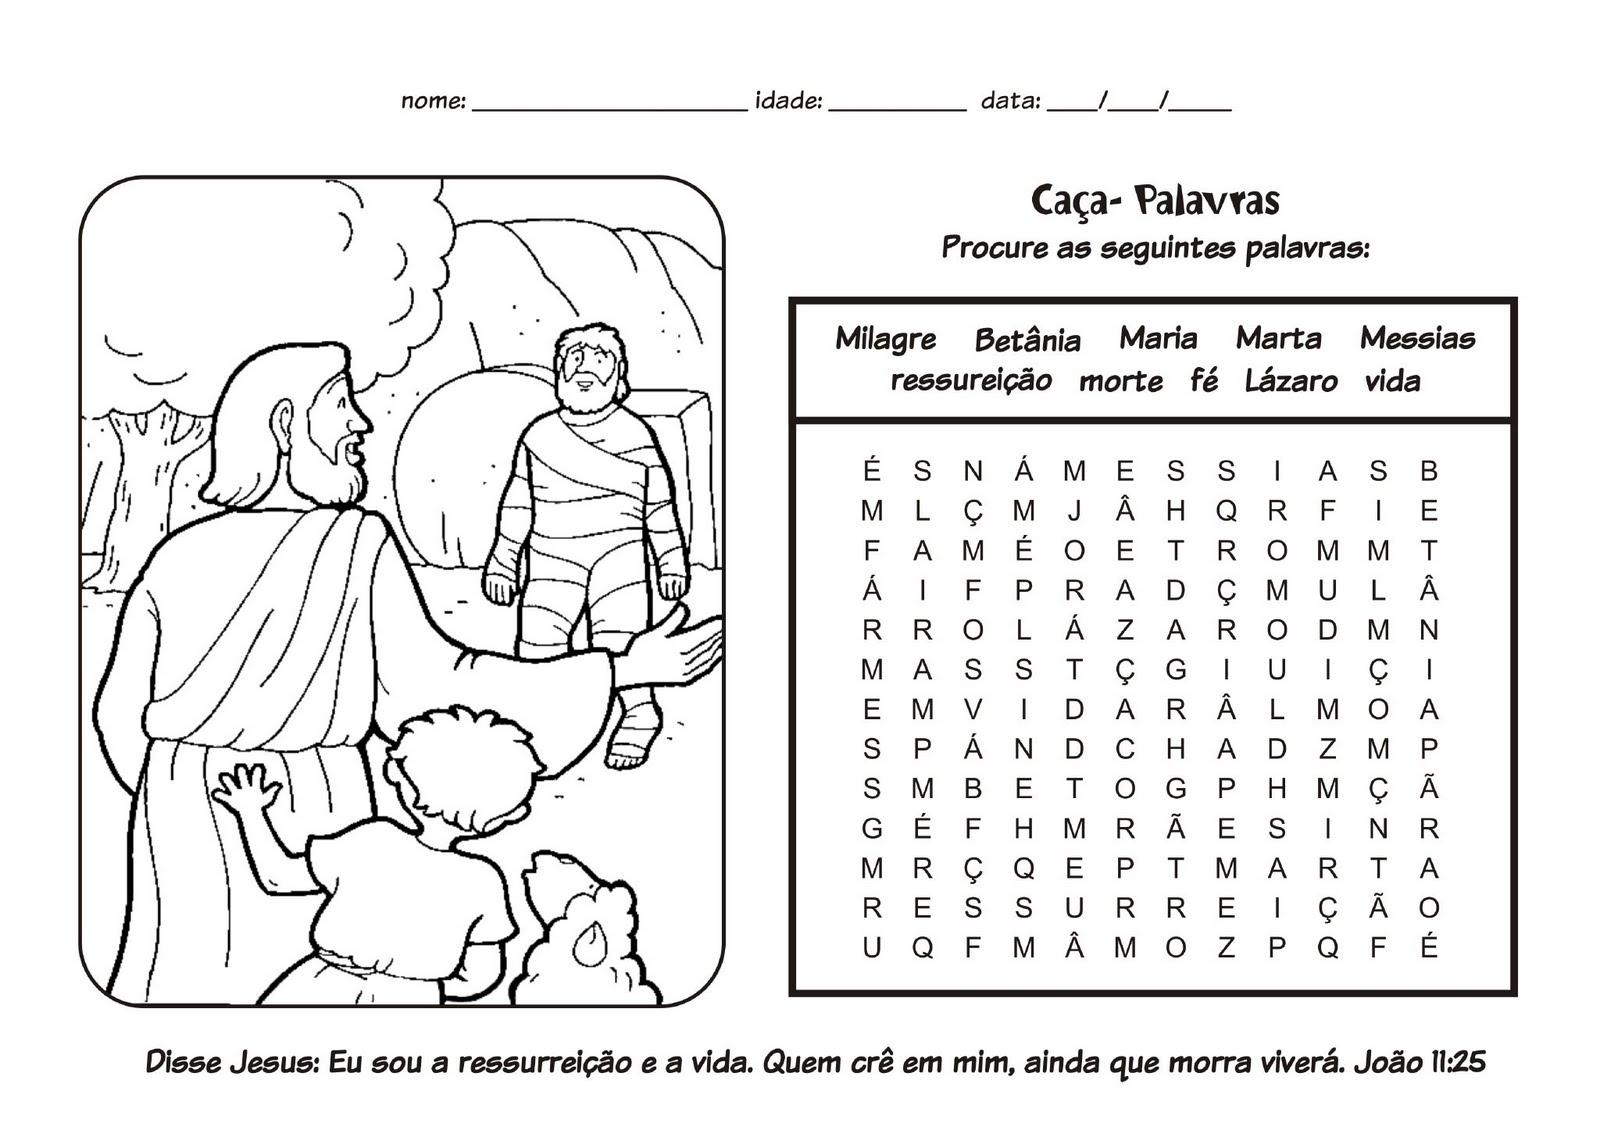 C E S Jd Sao Marcos Caca